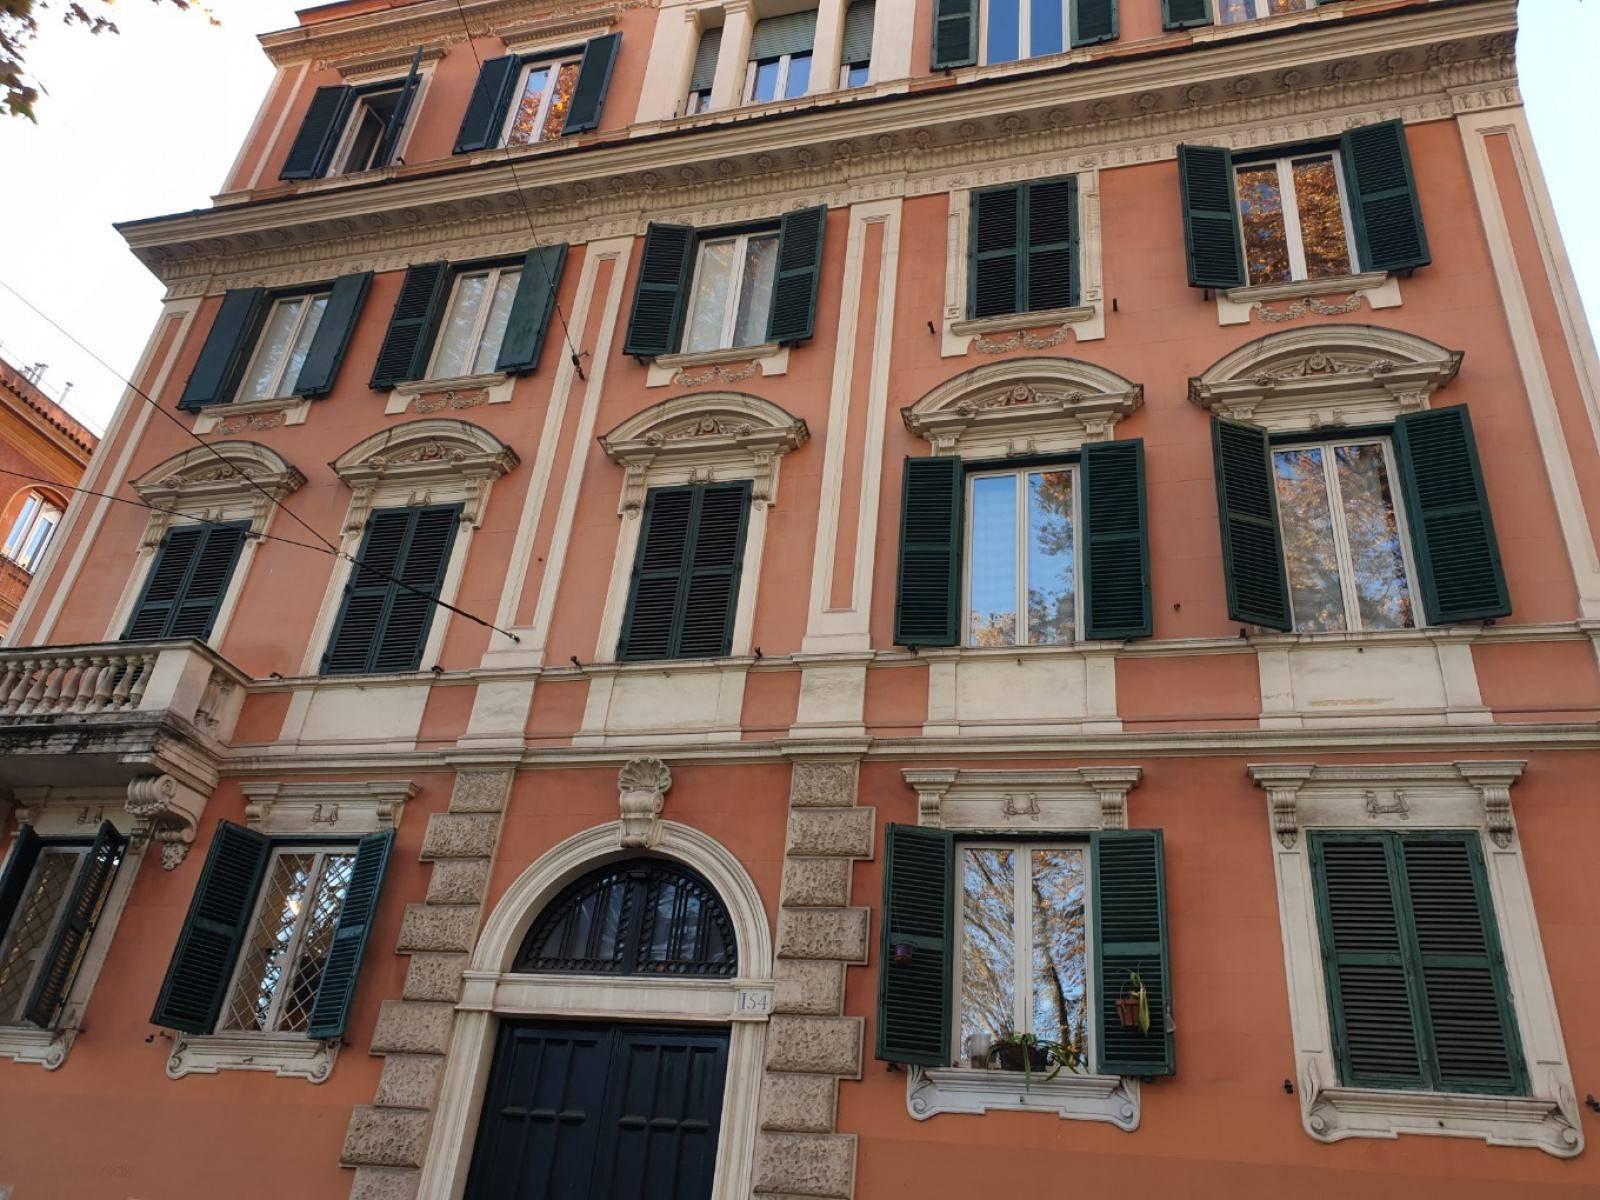 1118419088 Trilocale in Viale Di Trastevere, Roma, Zona Trastevere